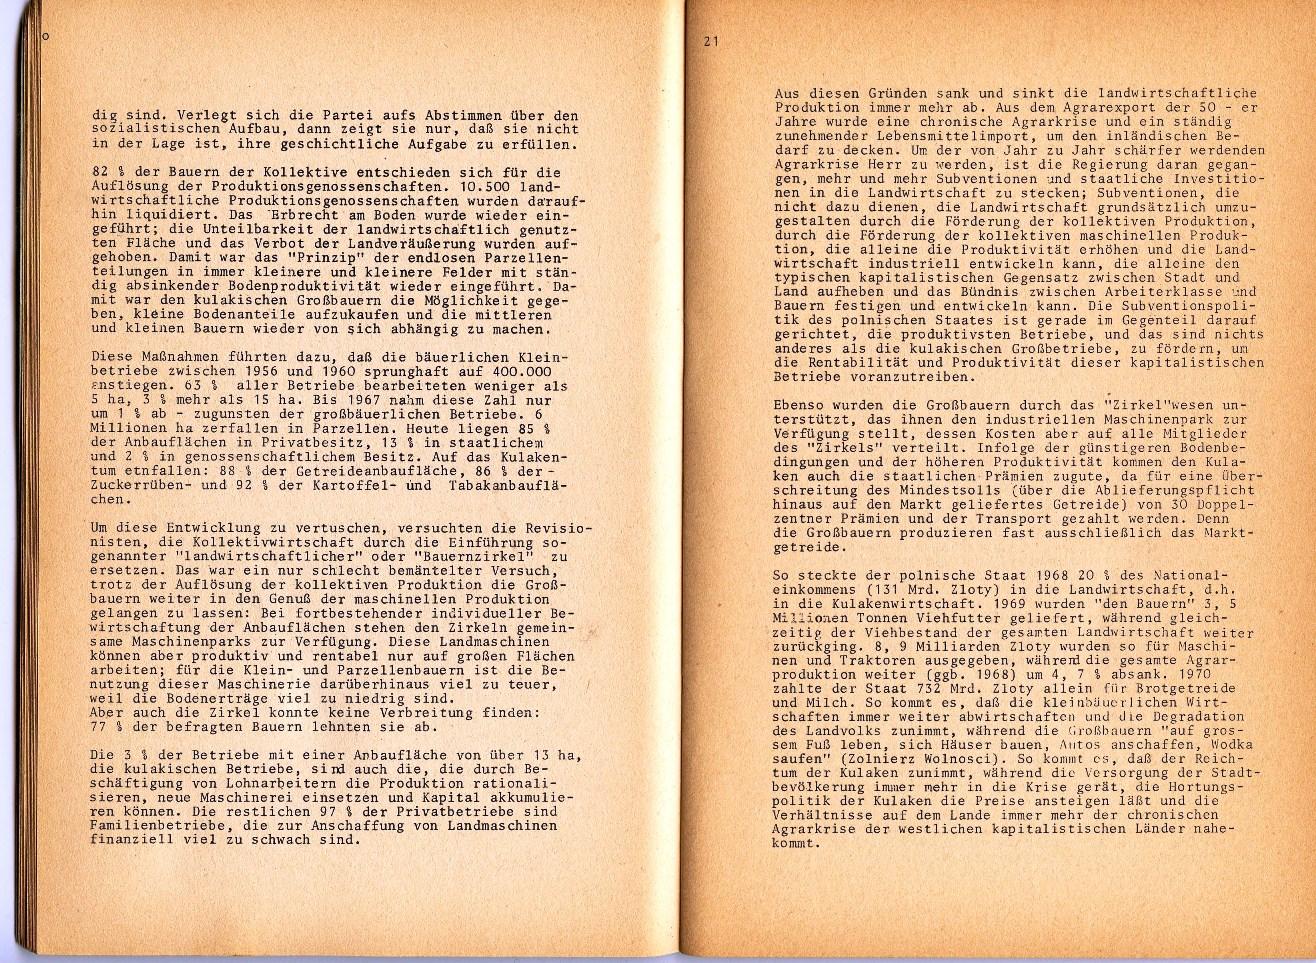 ZB_Polen_Aufstand_1971_14